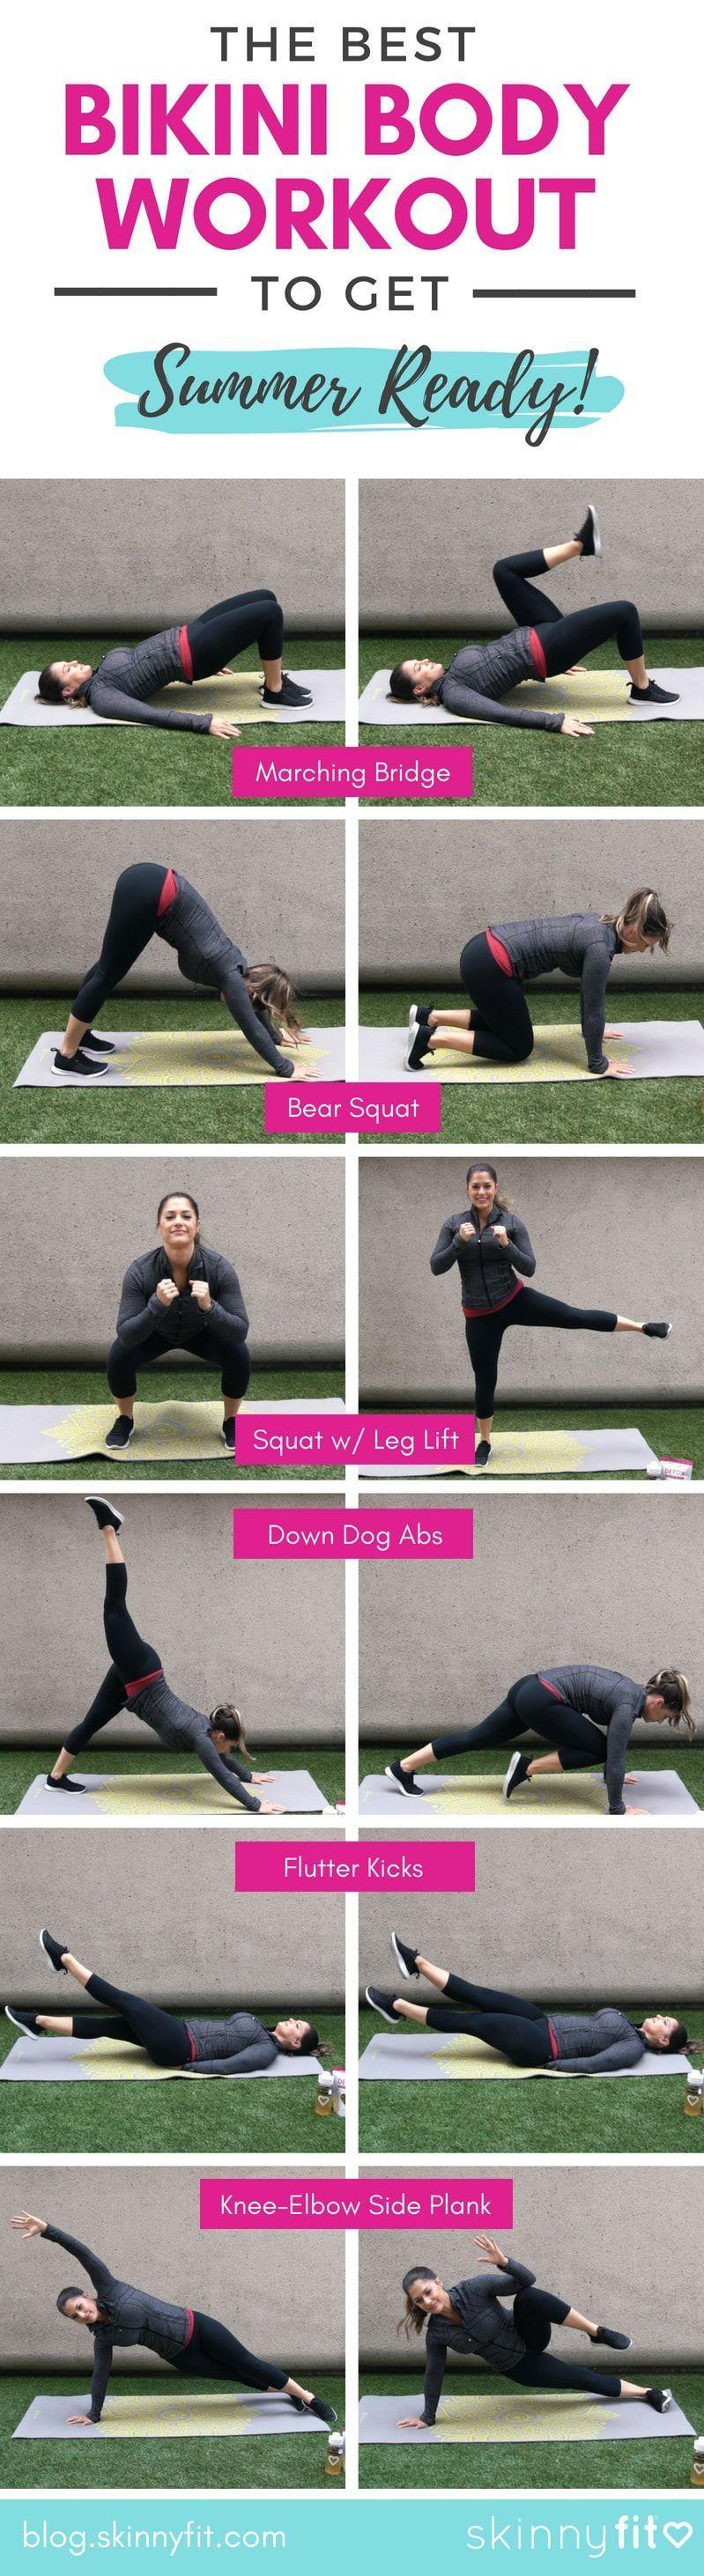 Bikini Ready Workout Bikini Body Workout Fitness Body Full Body Workout